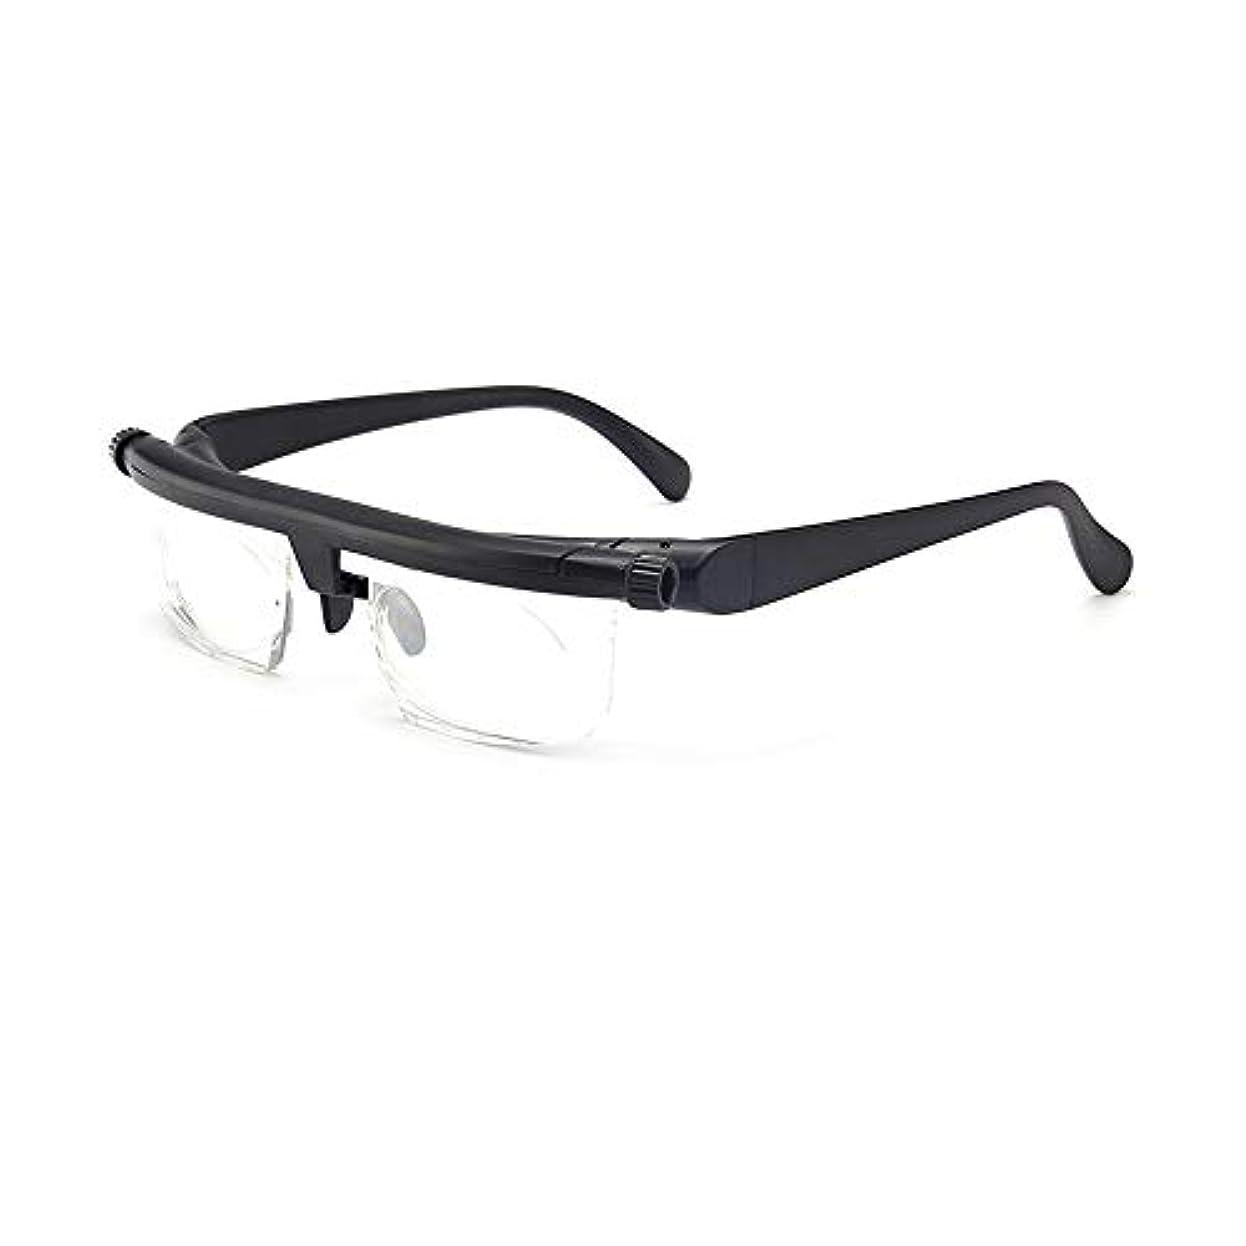 活力診療所の配列TR90焦点距離調整老眼鏡調整可能な老眼鏡